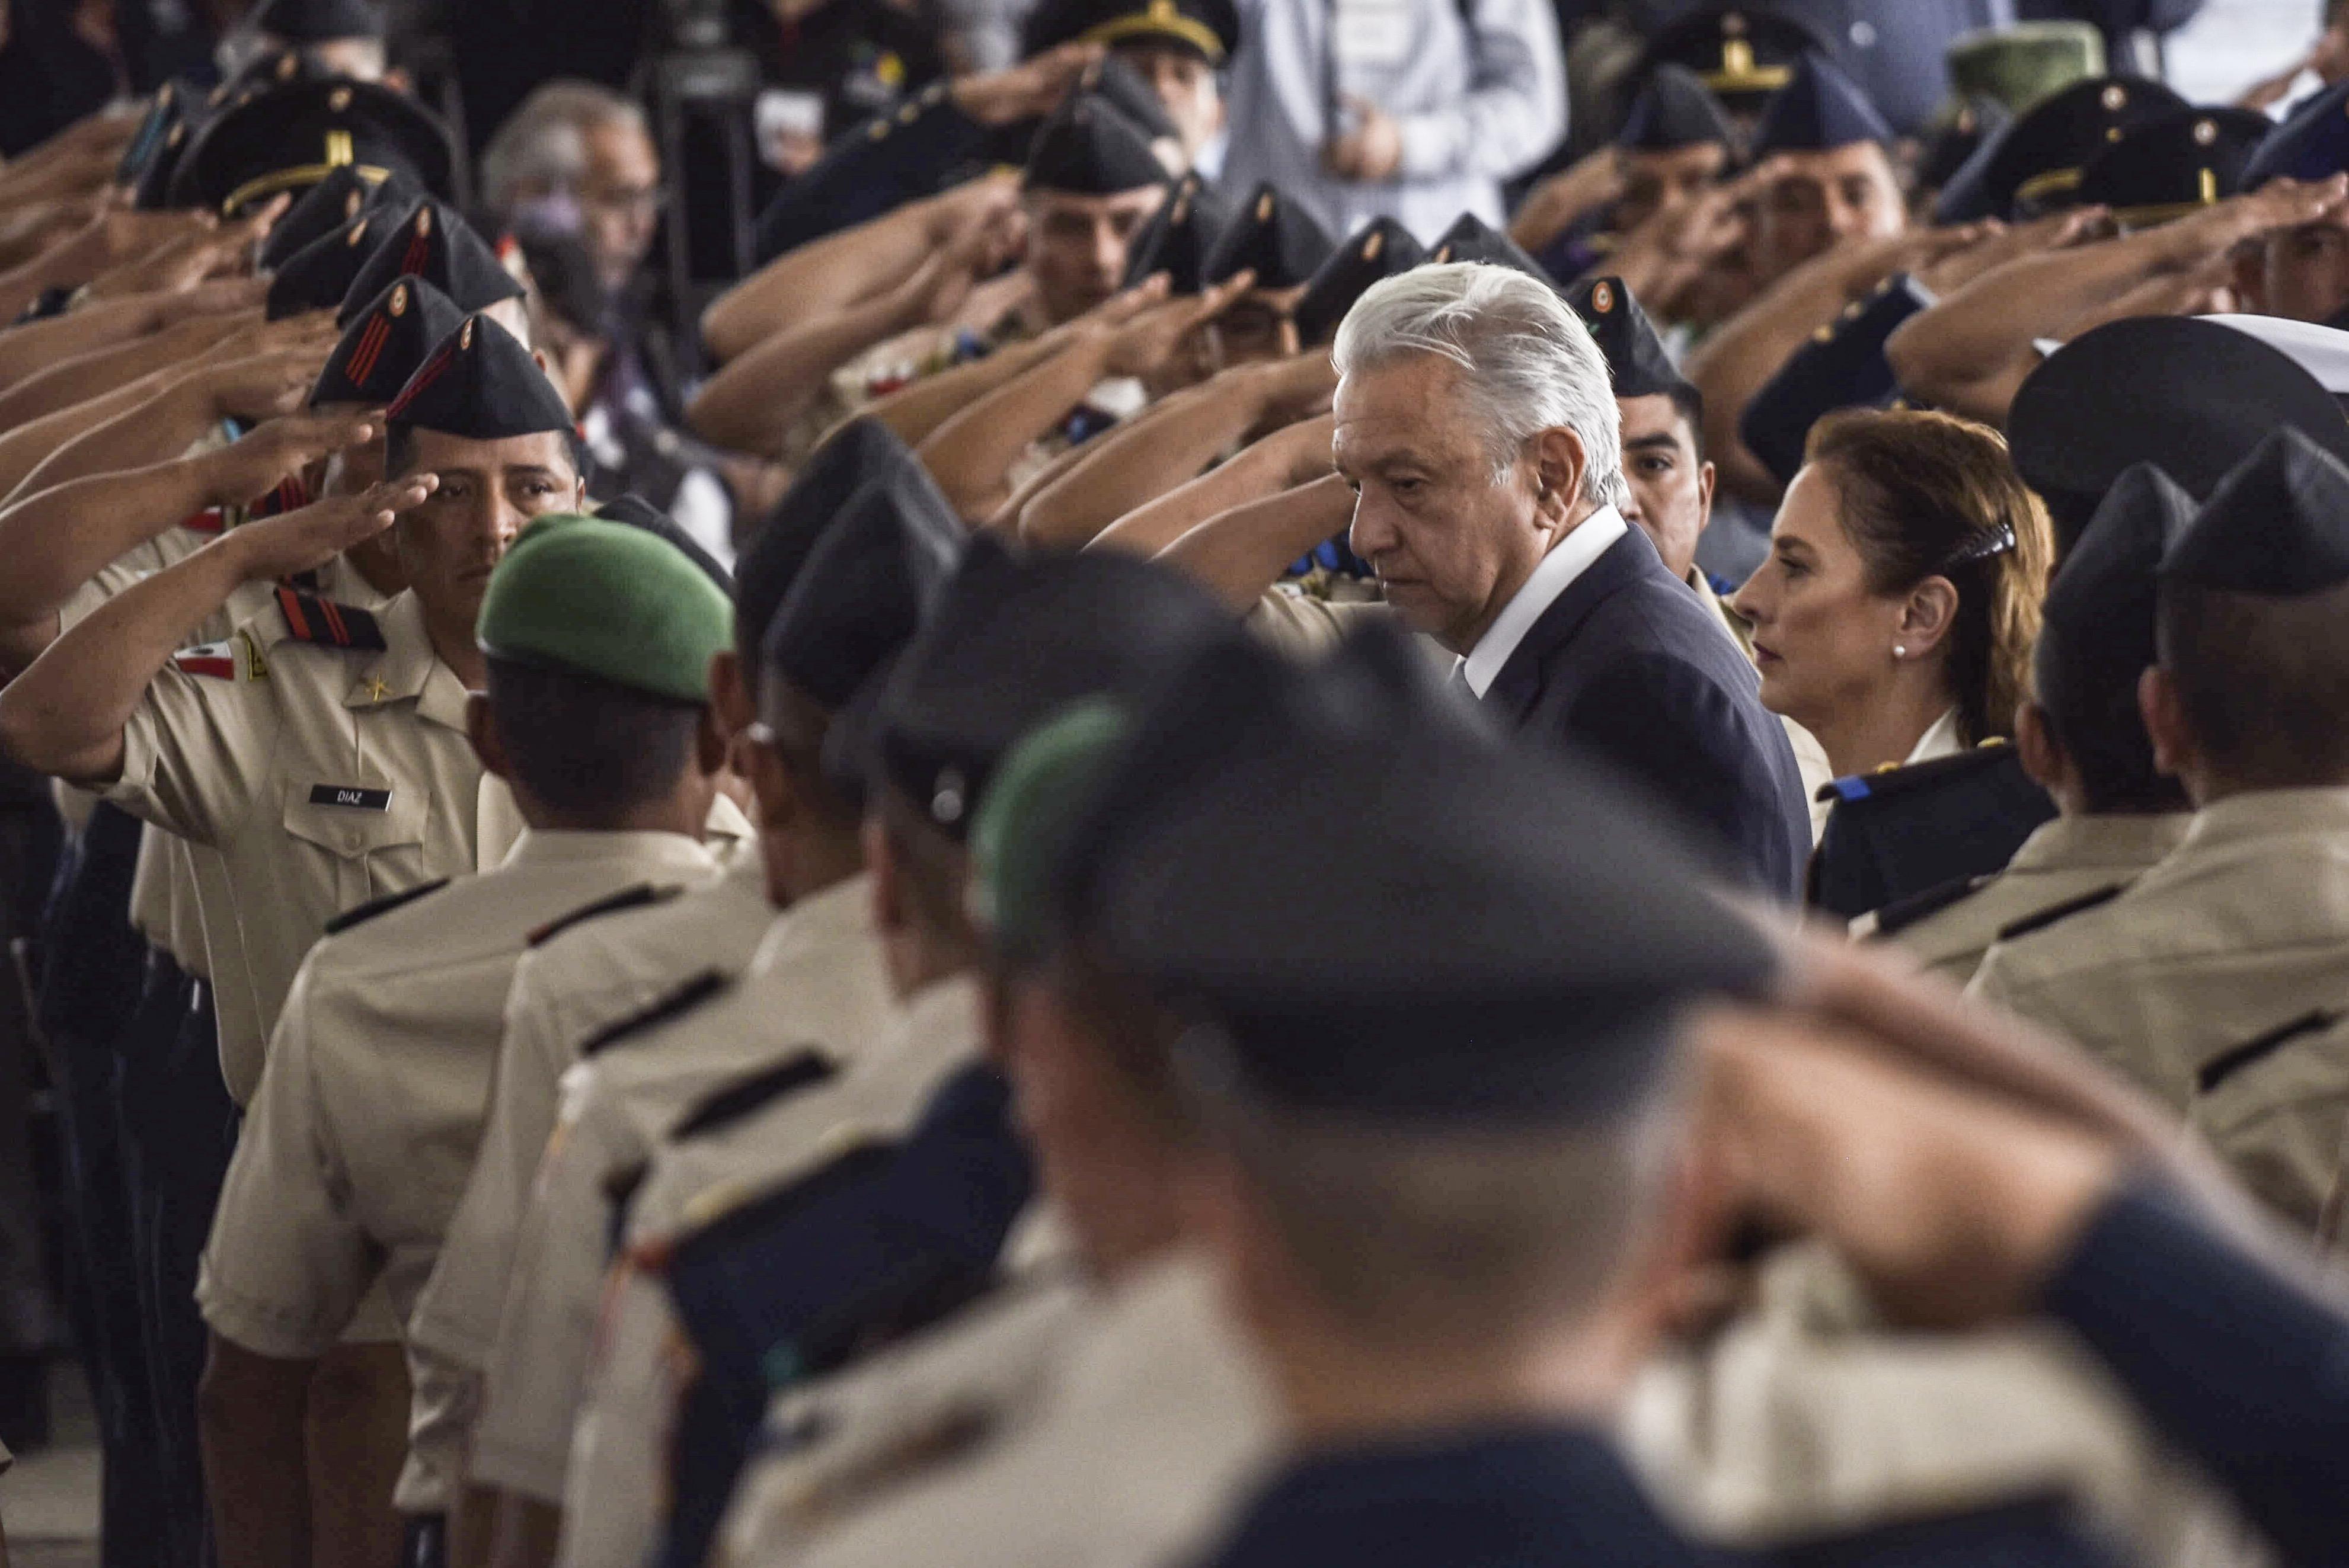 La Guardia Nacional forma parte de la estrategia anticrimen del actual presidente (Foto:Cuartoscuro/Mario Jasso)